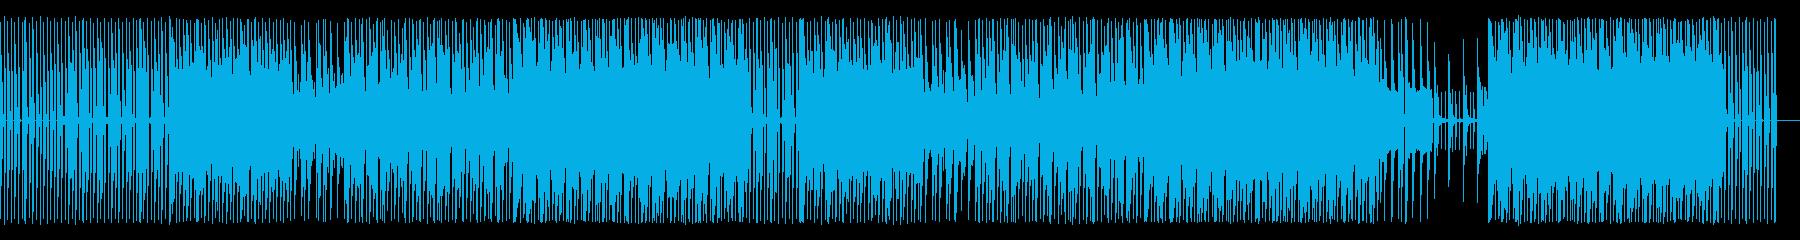 エディットされたピアノ/Hip-Hopの再生済みの波形